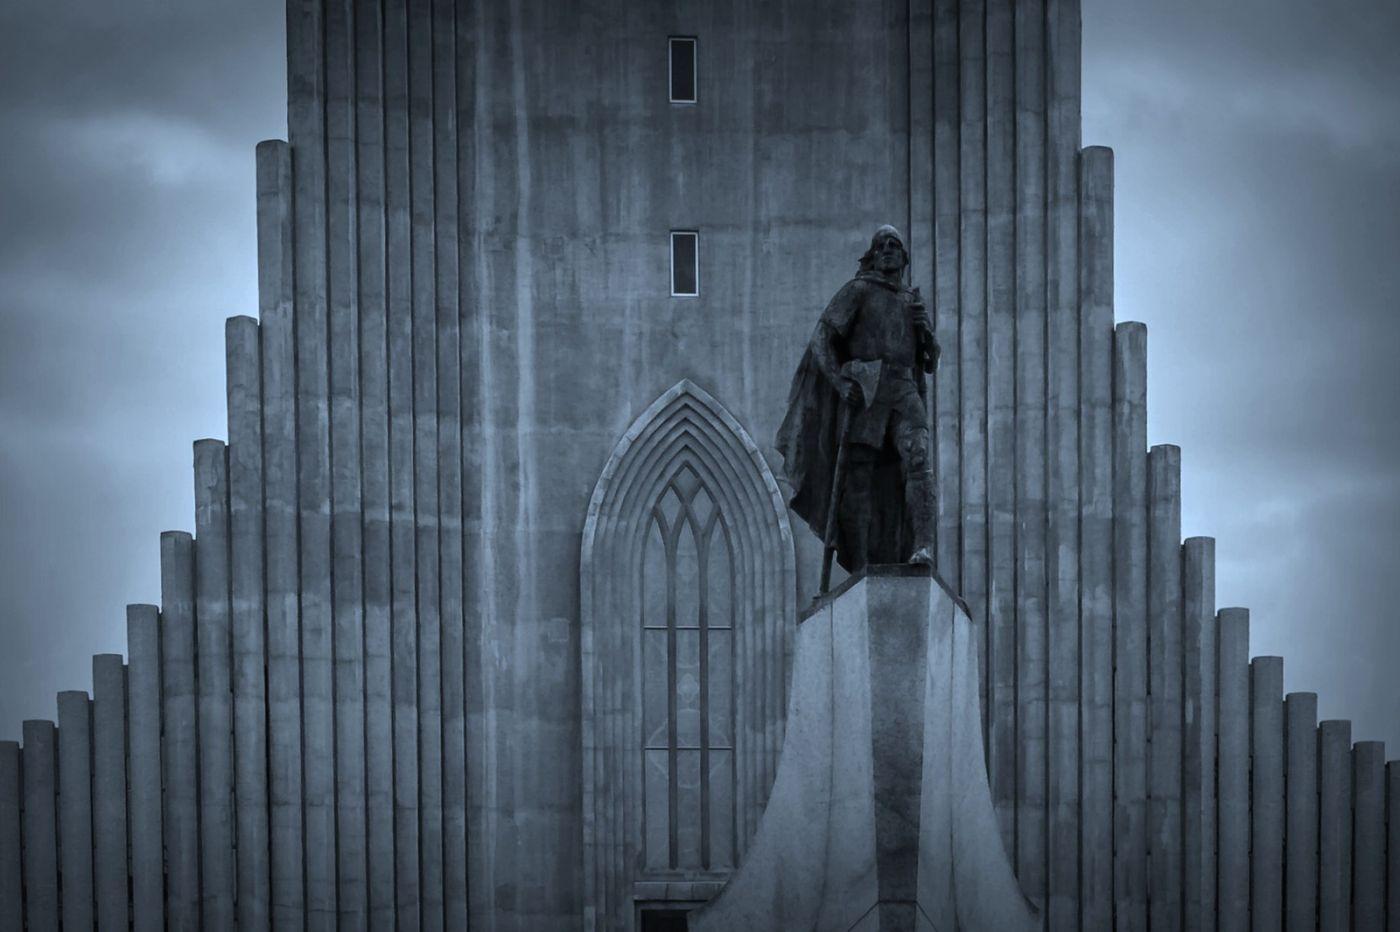 冰岛Hallgrimskirkja教堂,超奇特的建筑_图1-18